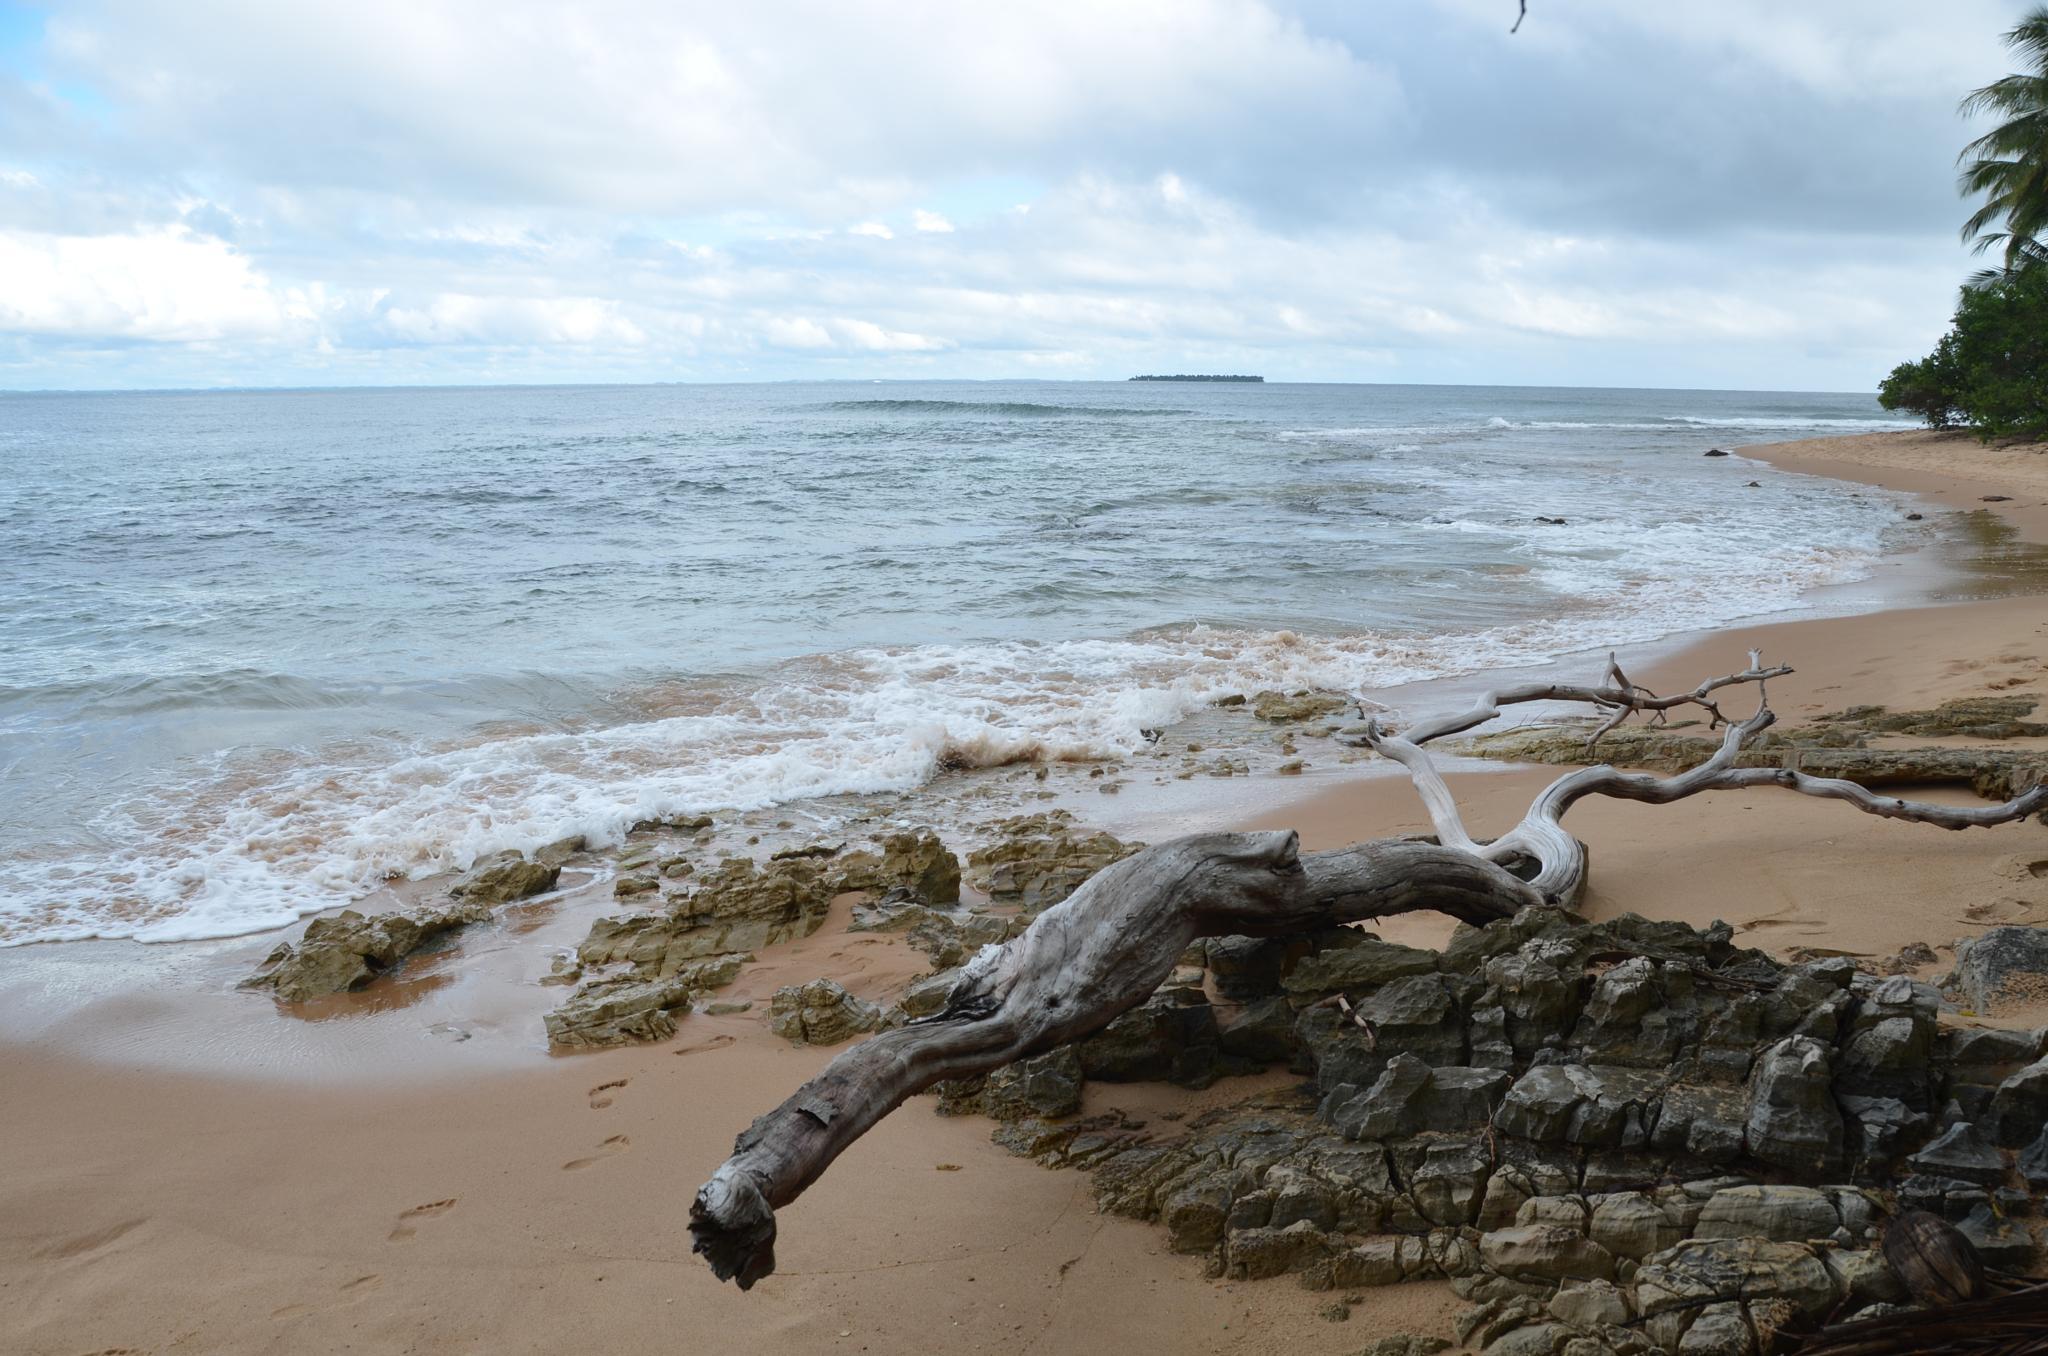 Dead tree, nature of sculpture by ClaudioBezerra